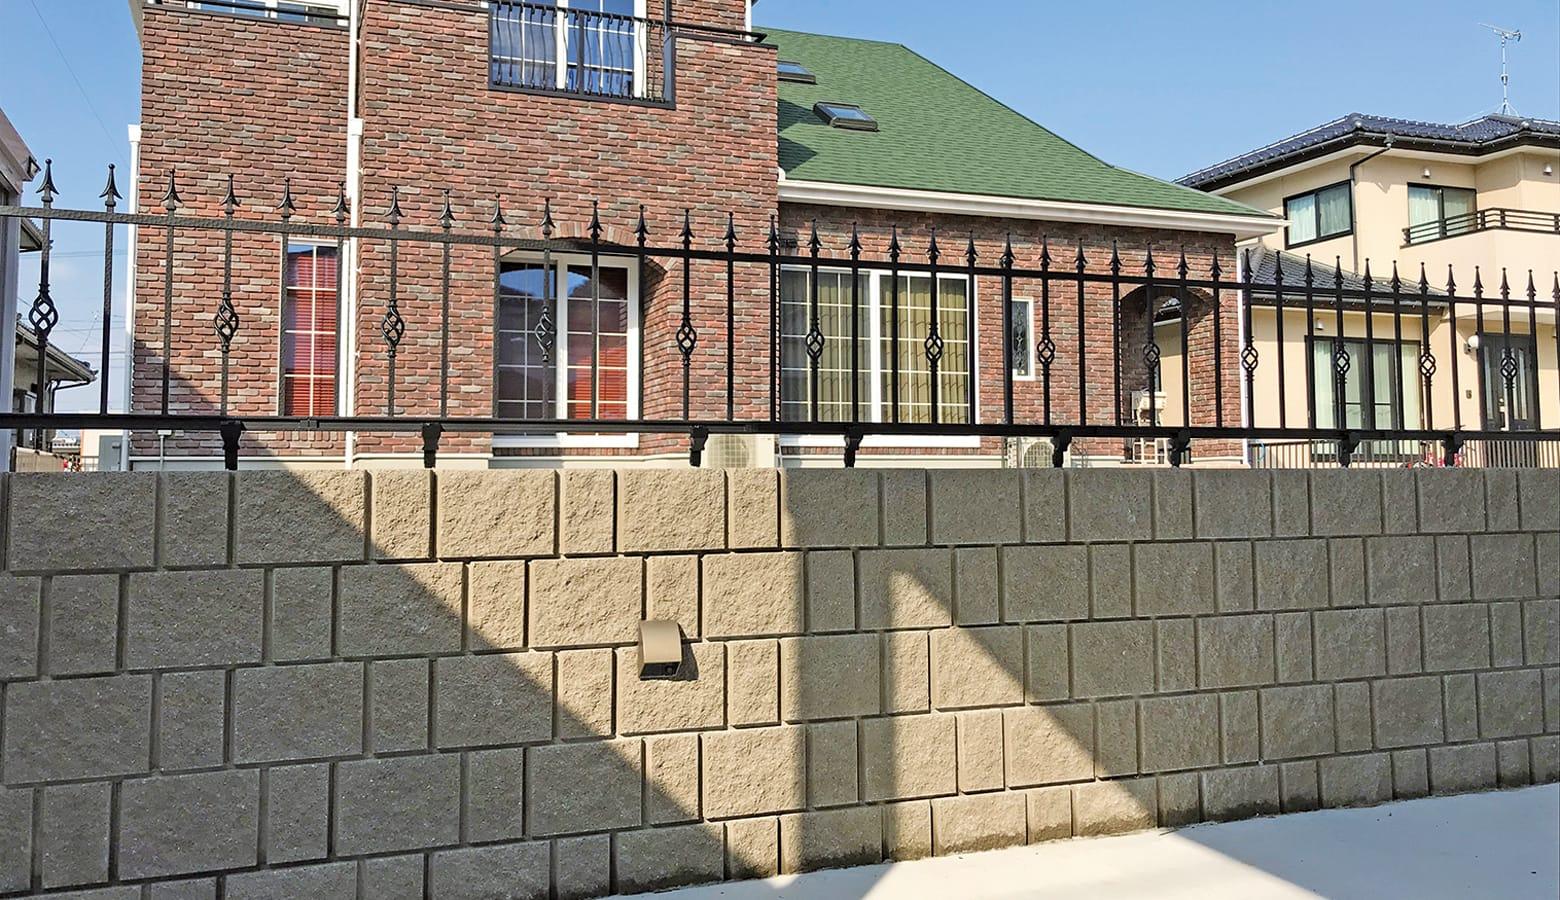 REリブ2SP_ナチュラルブラウン_鋳物フェンスと組み合わせることで重厚感のある塀に